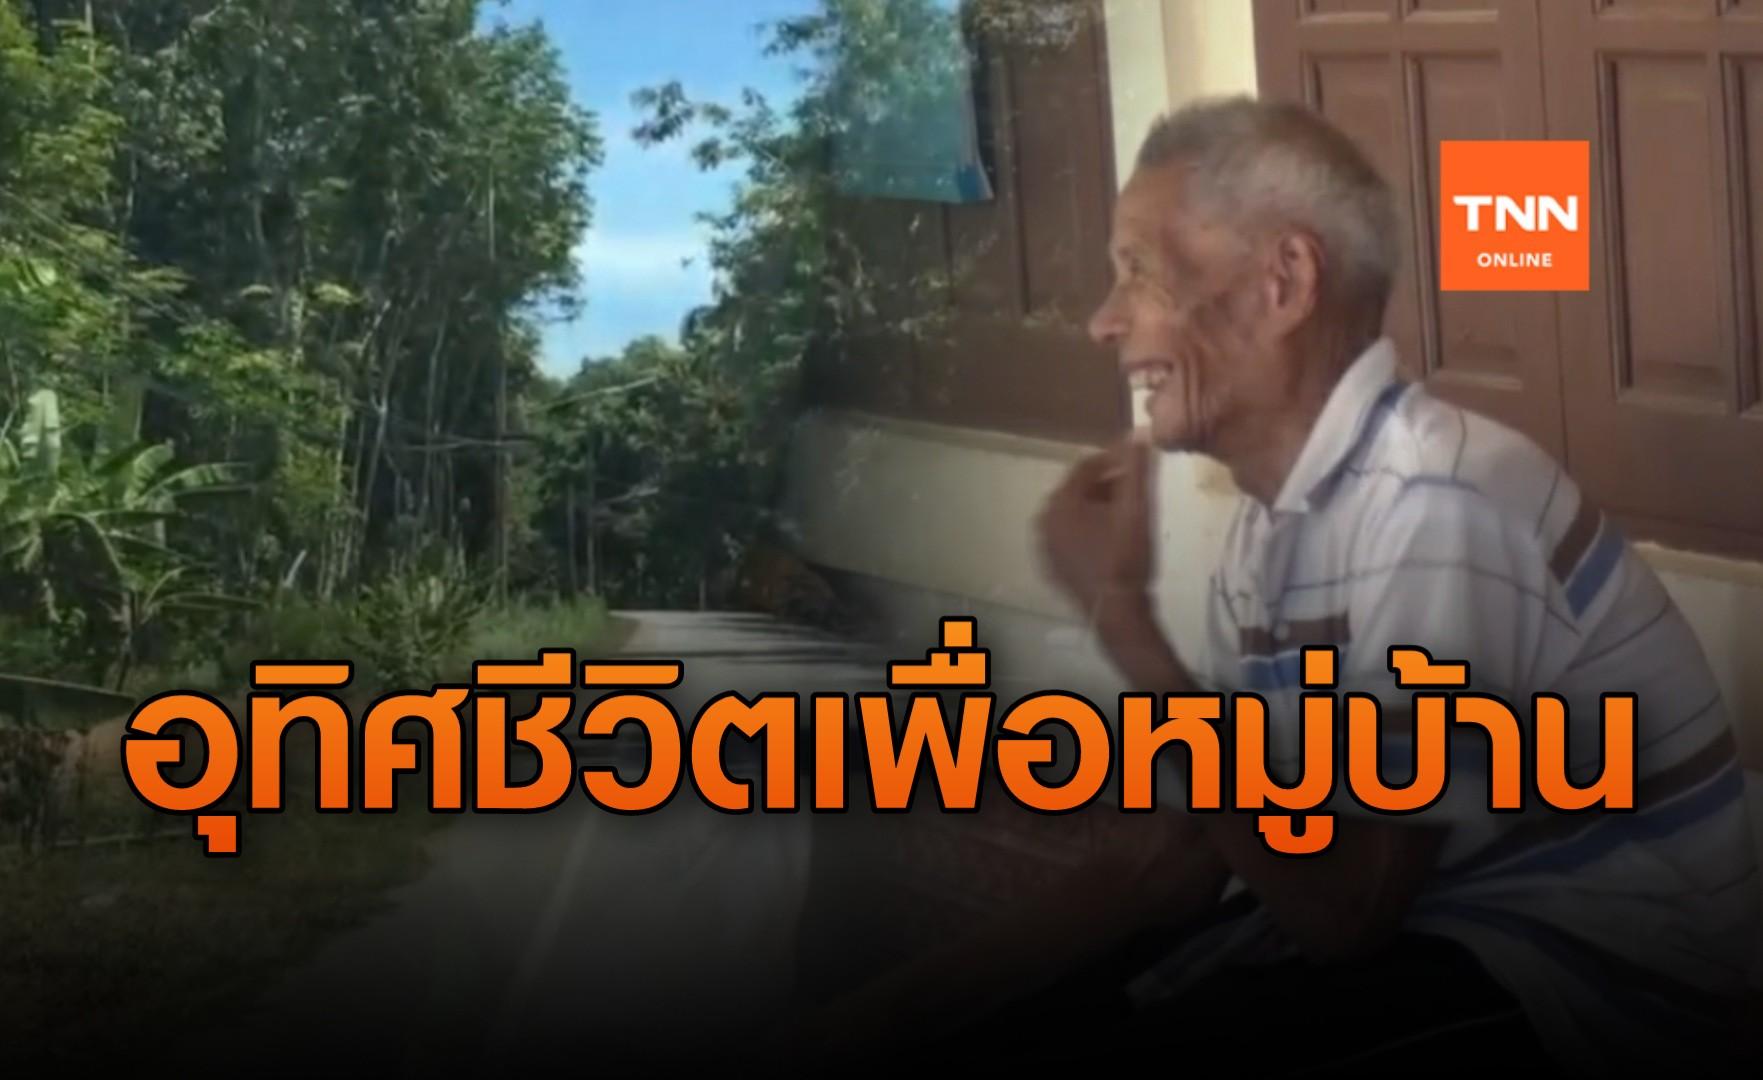 น่าชื่นชม! พ่อเฒ่าวัย 88 ปี พัฒนาถนนและปลูกต้นไม้ในหมู่บ้านโดยความสมัครใจ